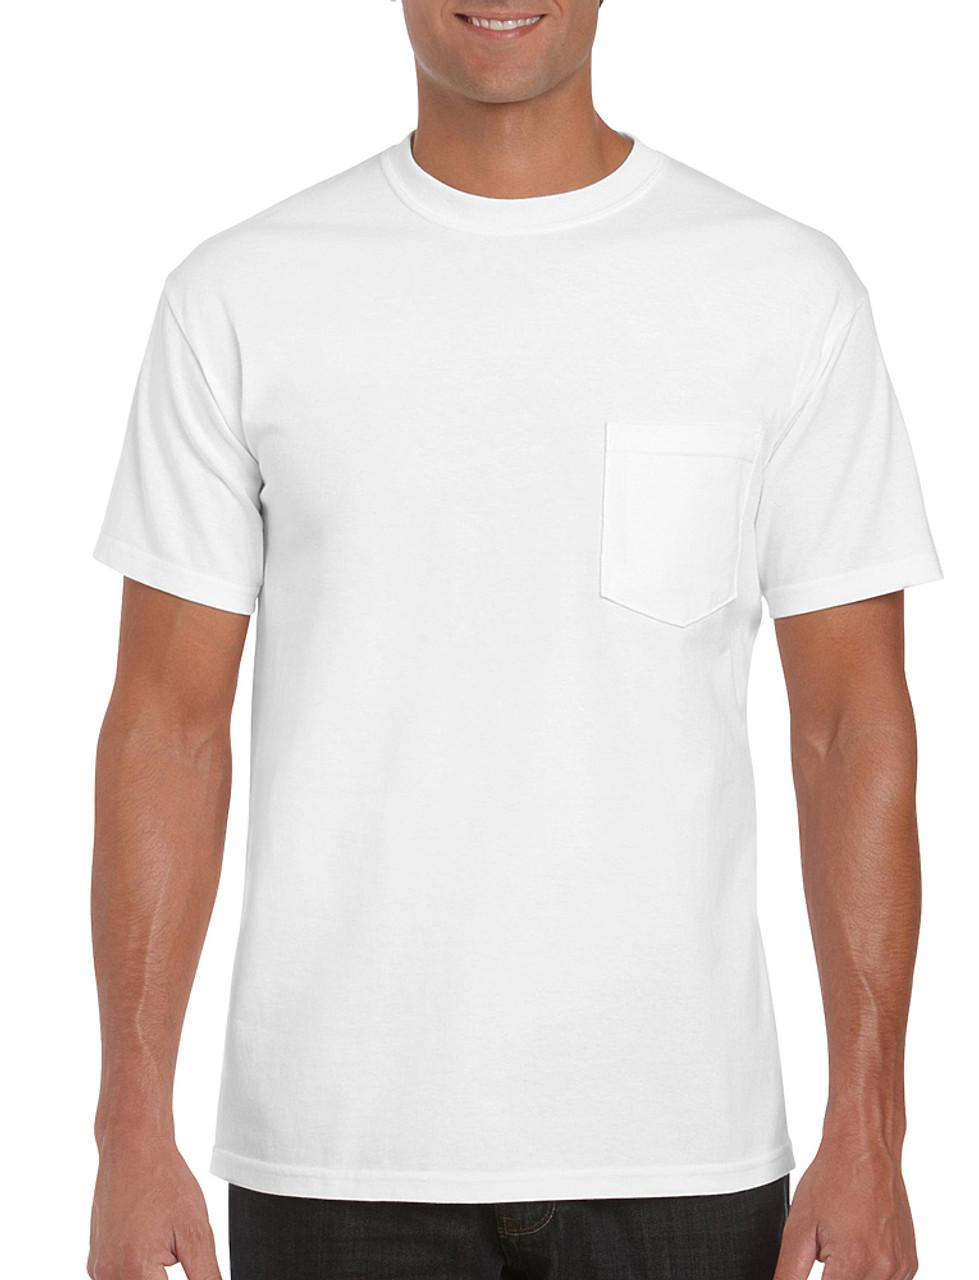 2300 Gildan Ultra Cotton Pocketed T-Shirt | T-shirt.ca